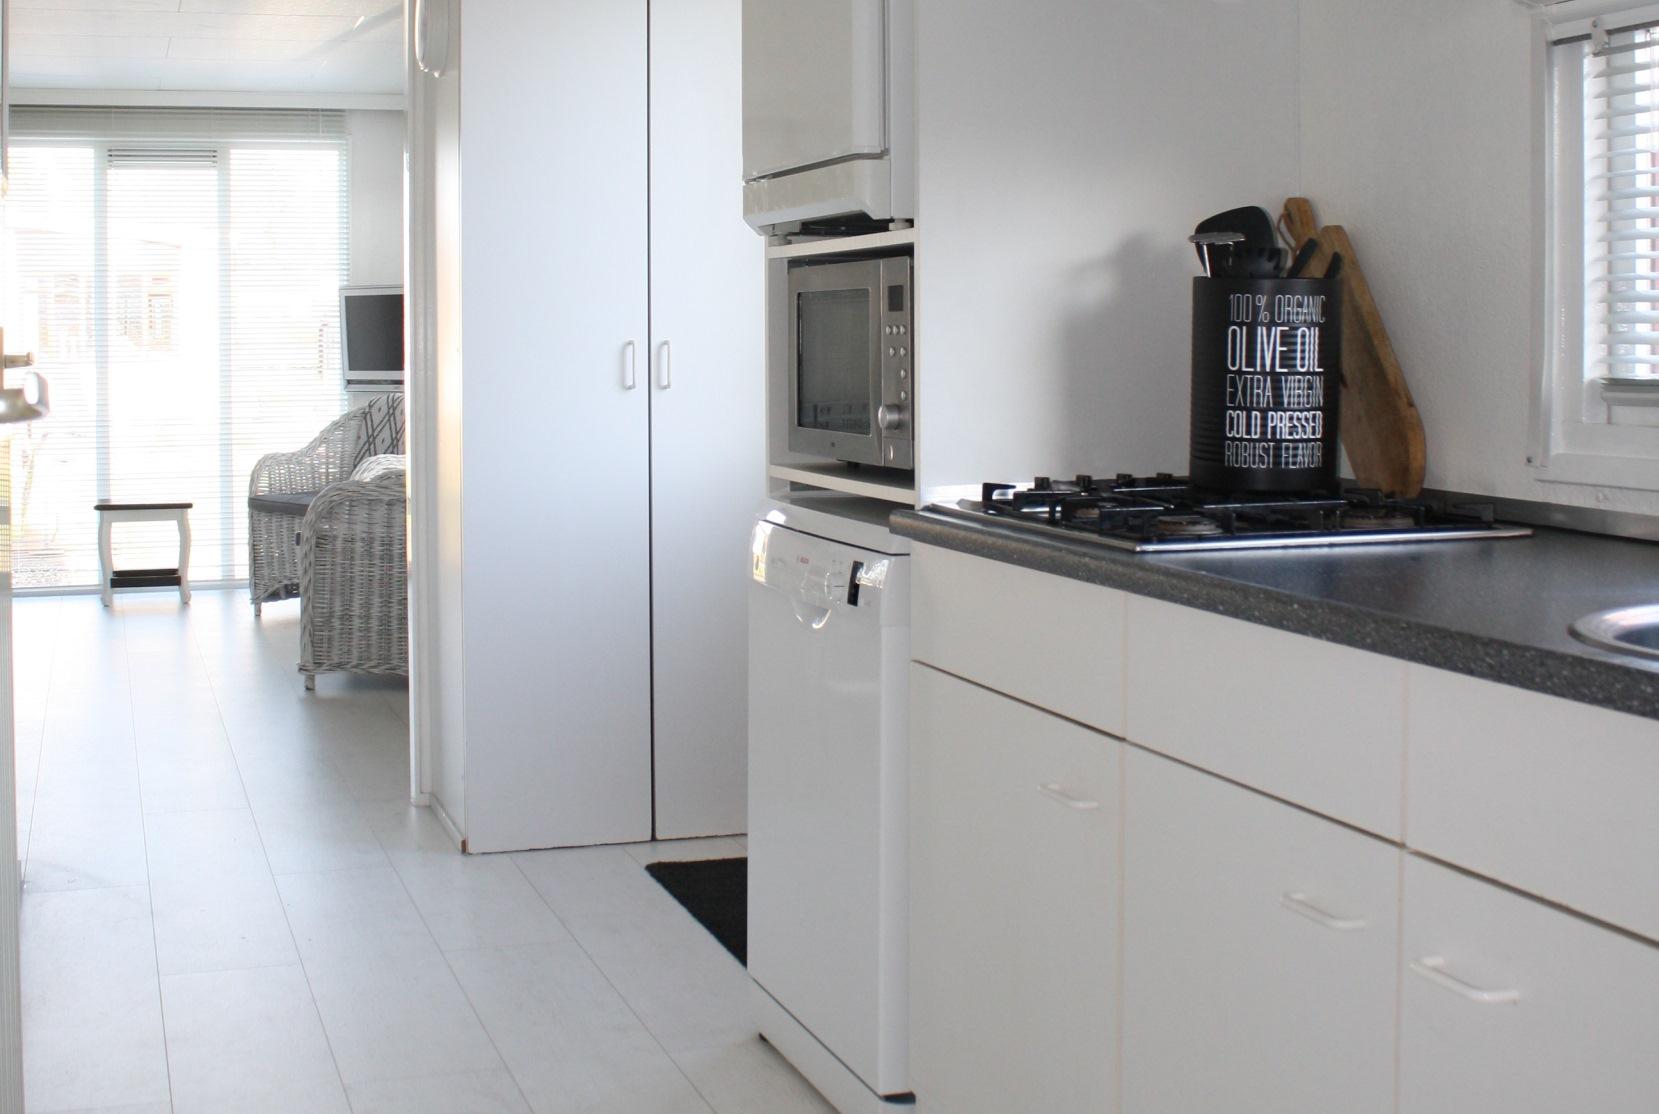 6-persoons-chalet-huren-makkum-luxe-keuken-S